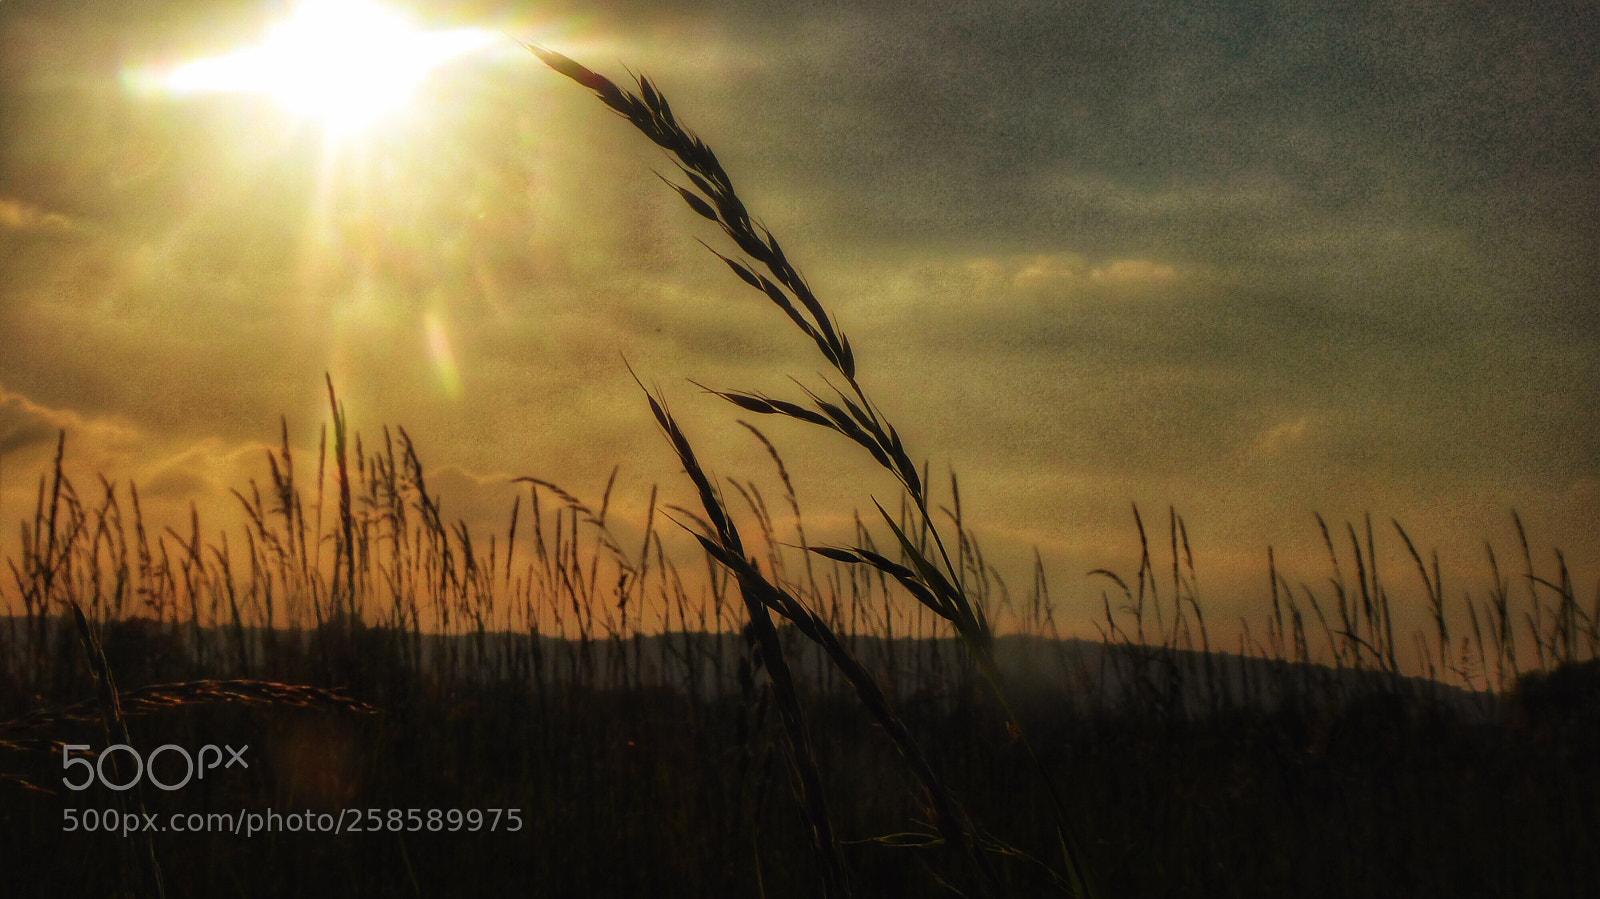 Himmel Erde Schatten Licht, Panasonic DMC-TZ71